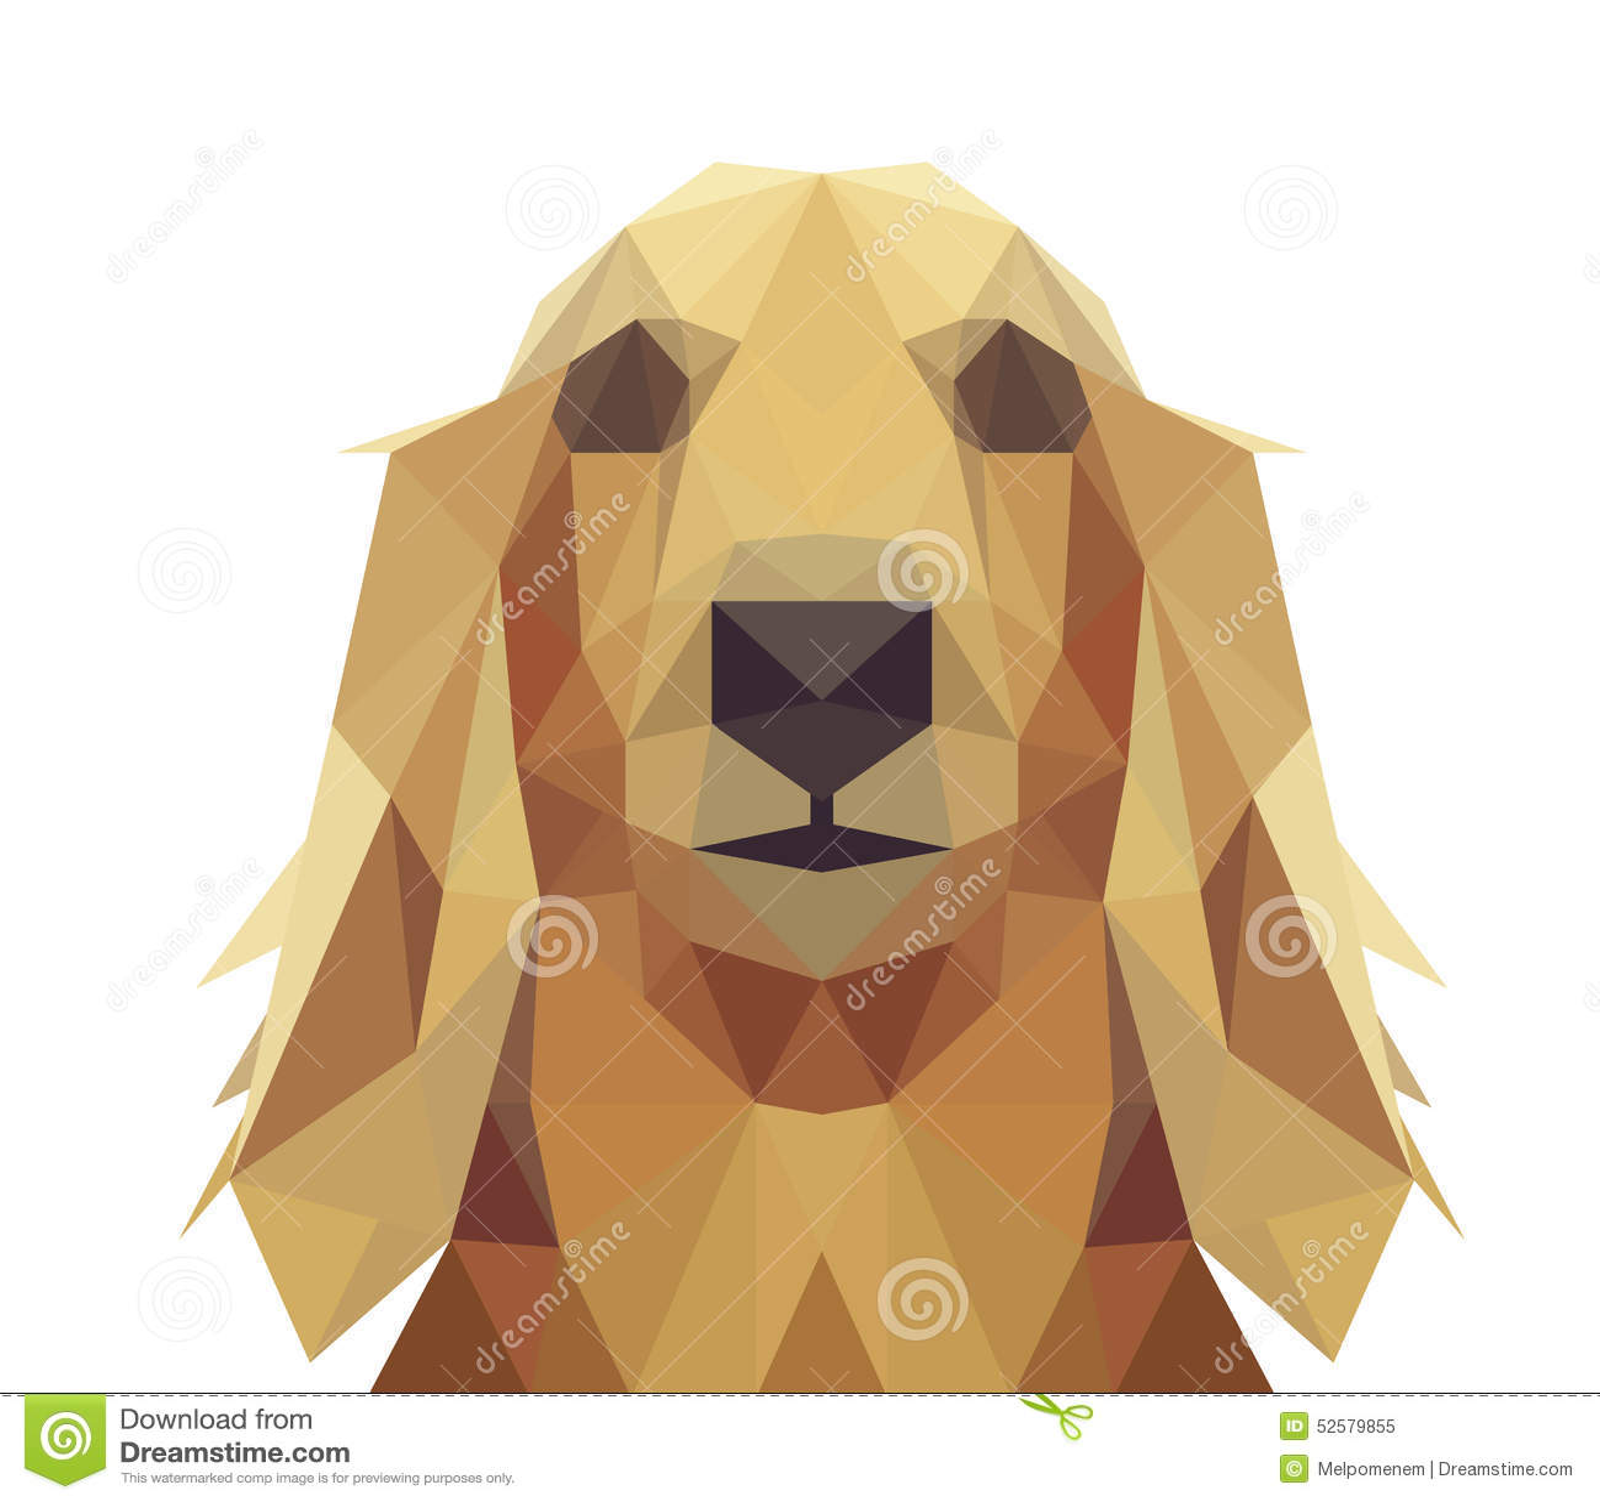 A cara de perro el chatarrero follando - 1 3